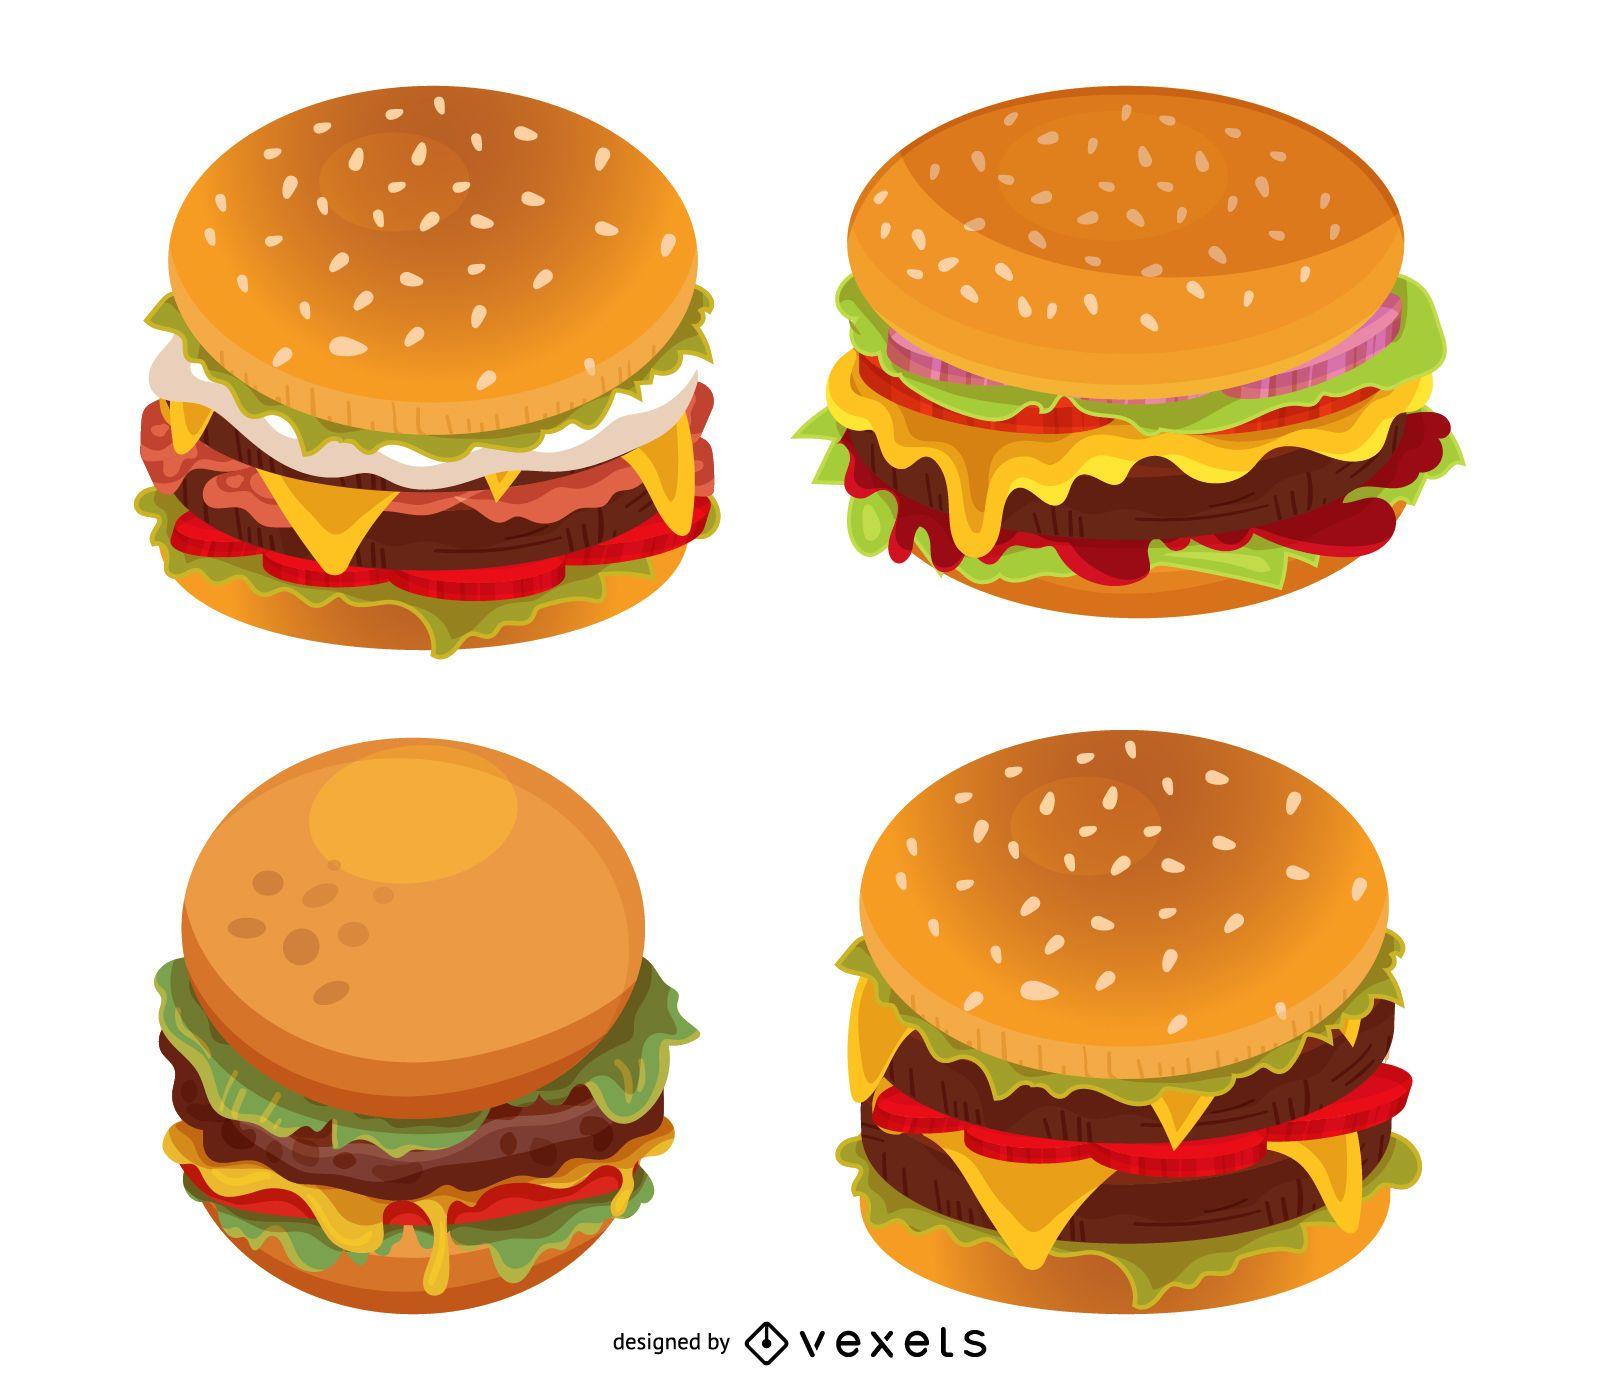 Burger illustration set